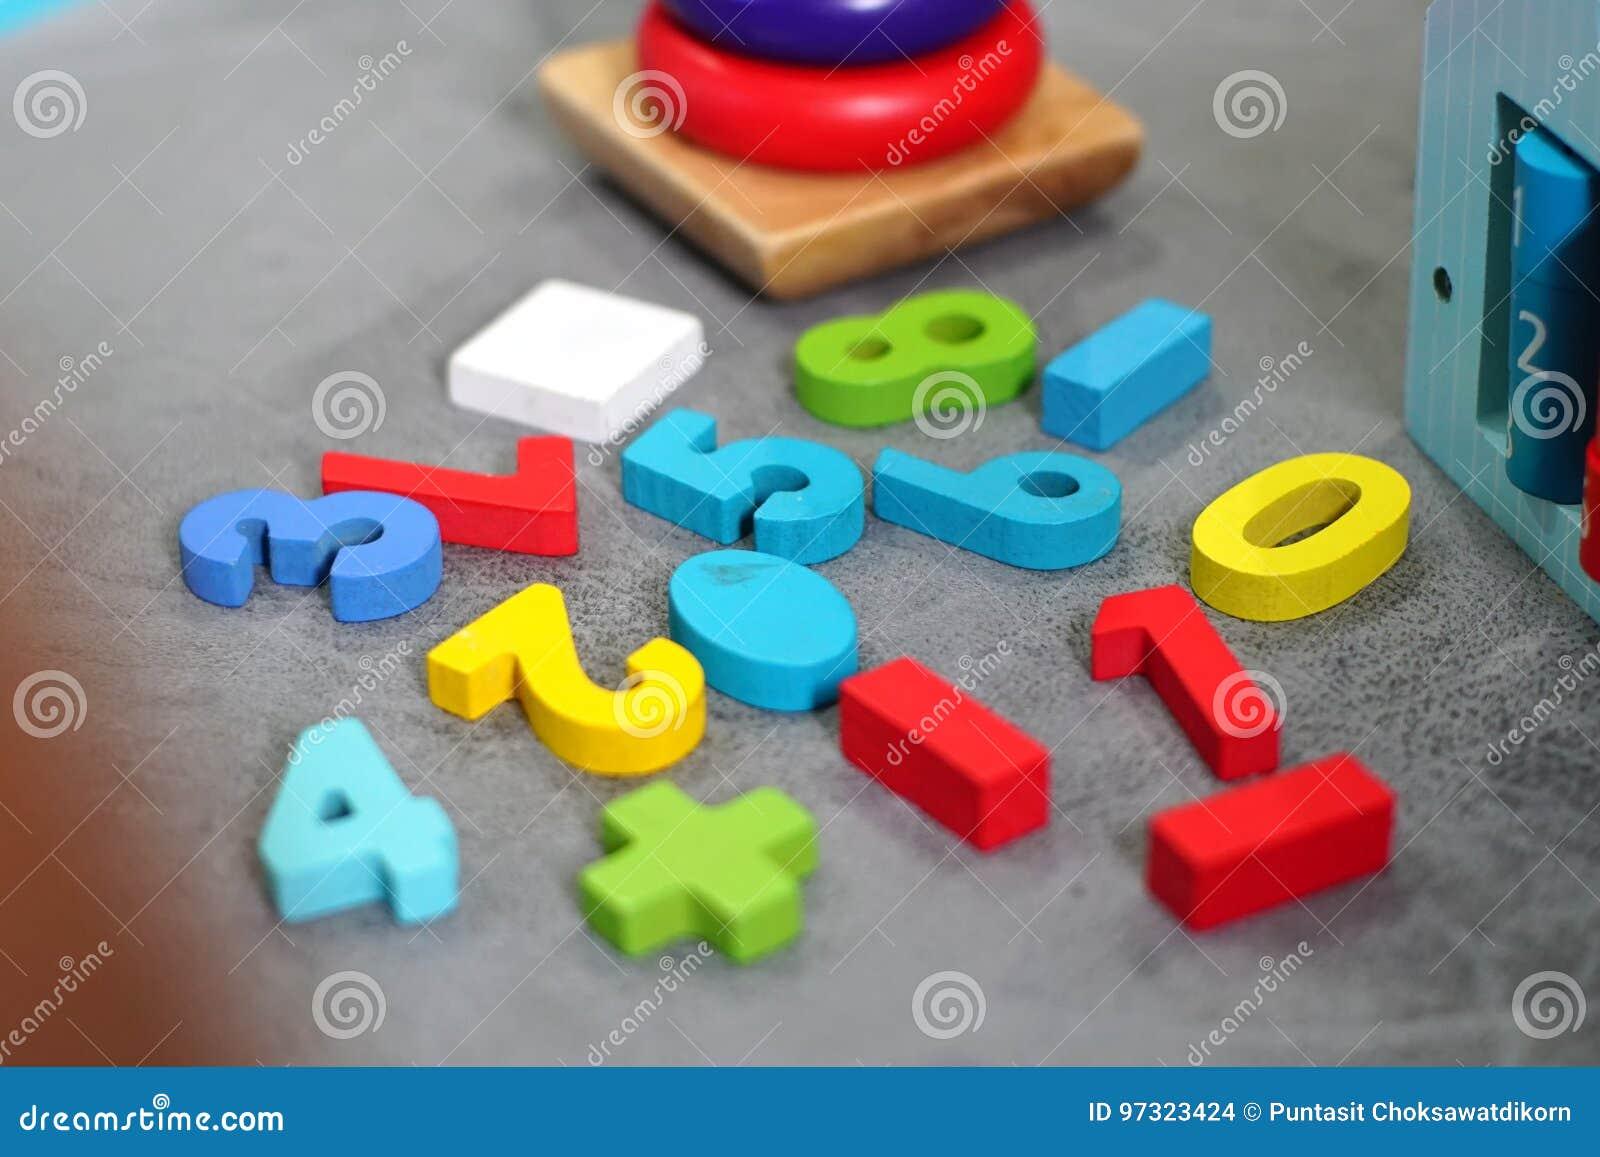 Kleurrijk speelgoed in speelkamer